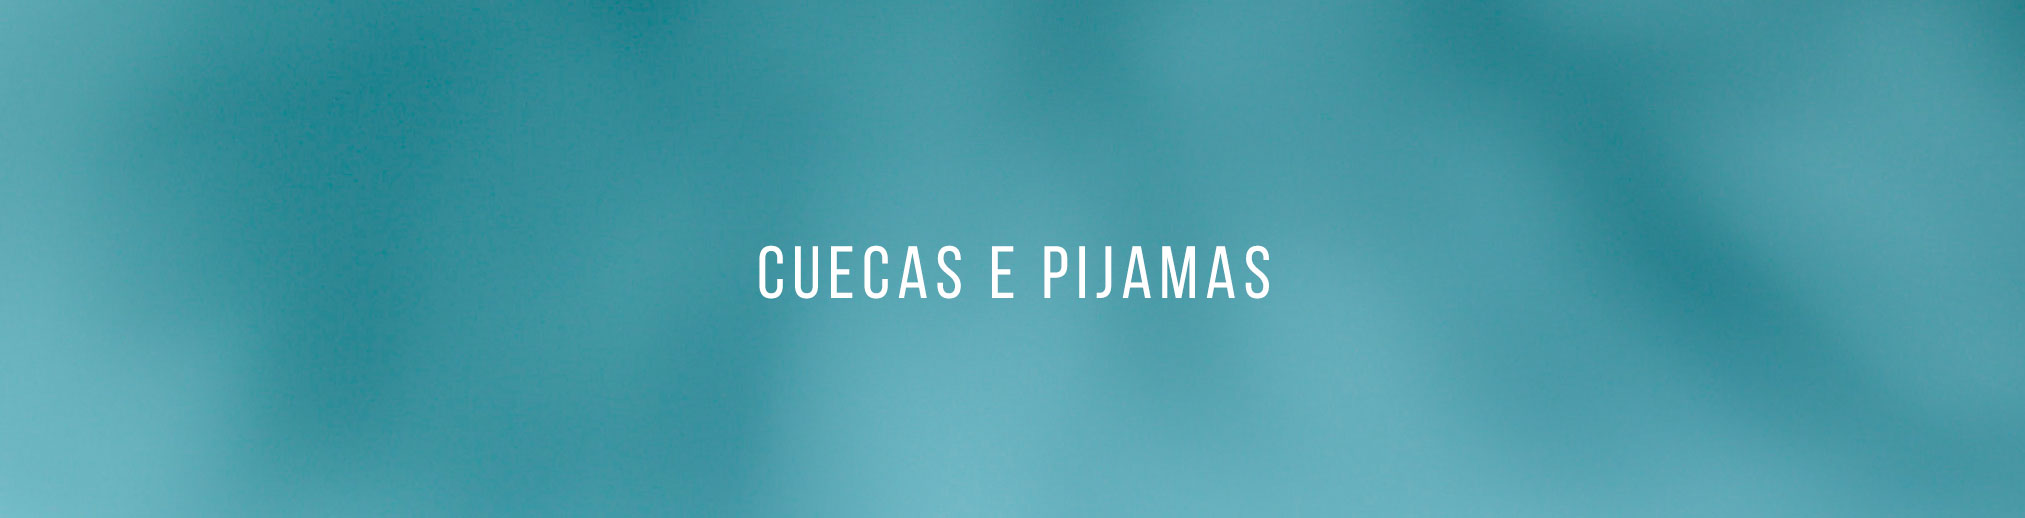 Cuecas e Pijamas